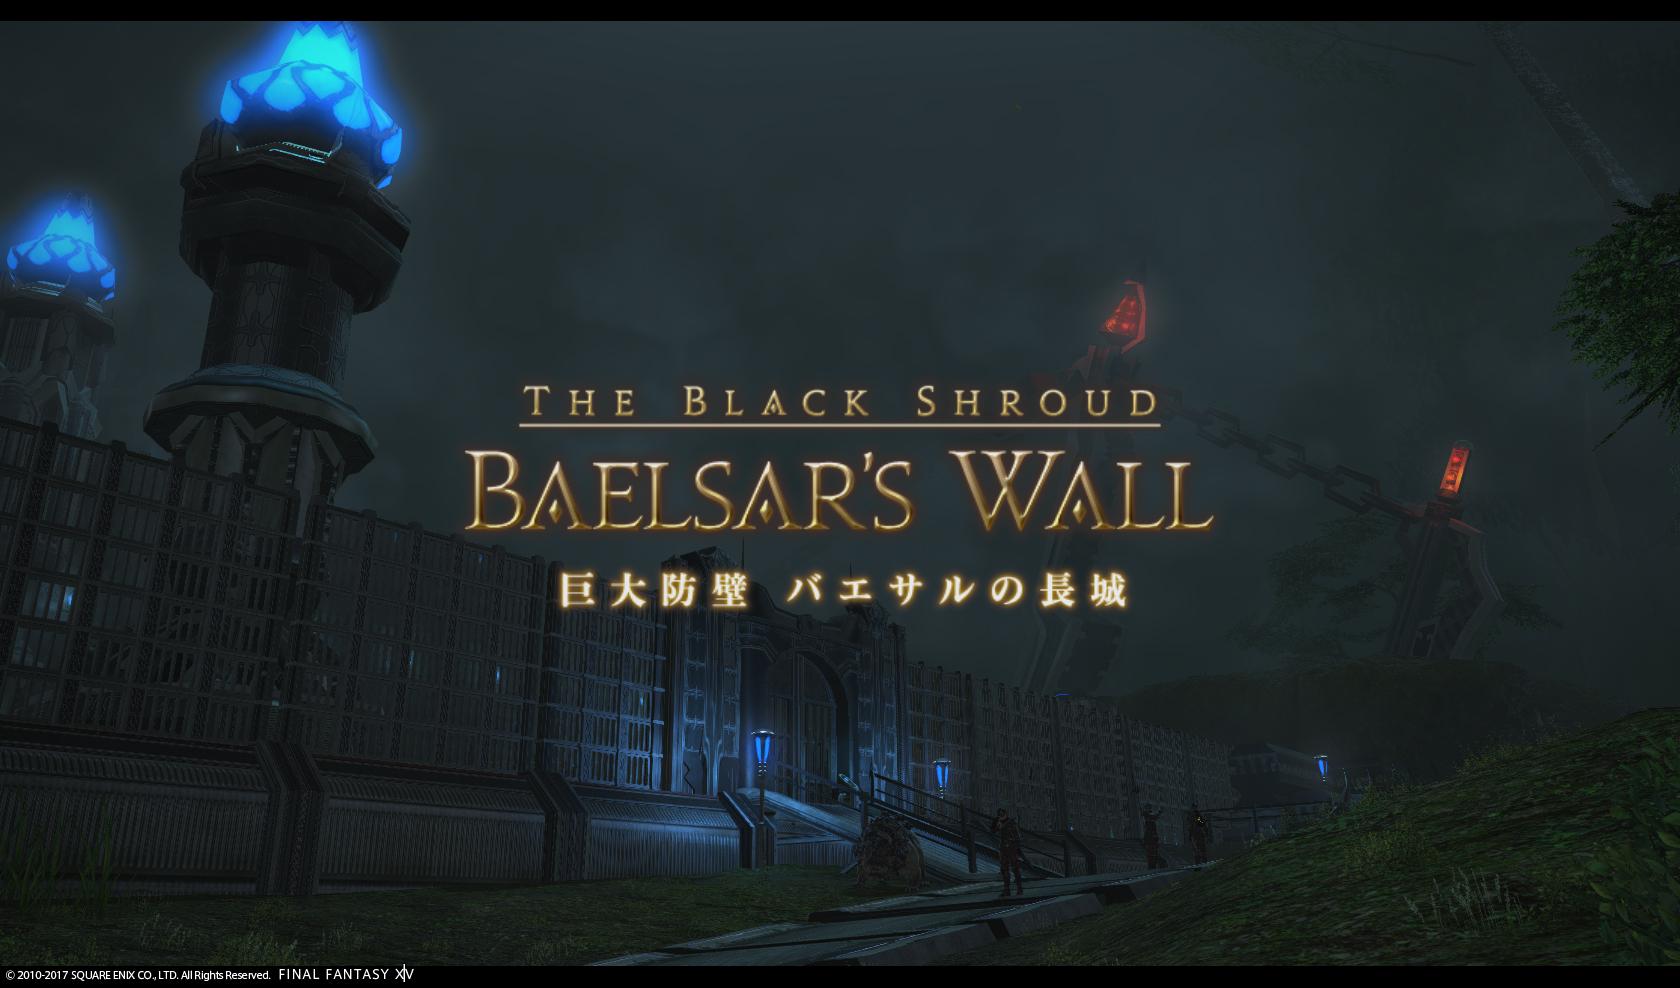 巨大防壁 バエサルの長城